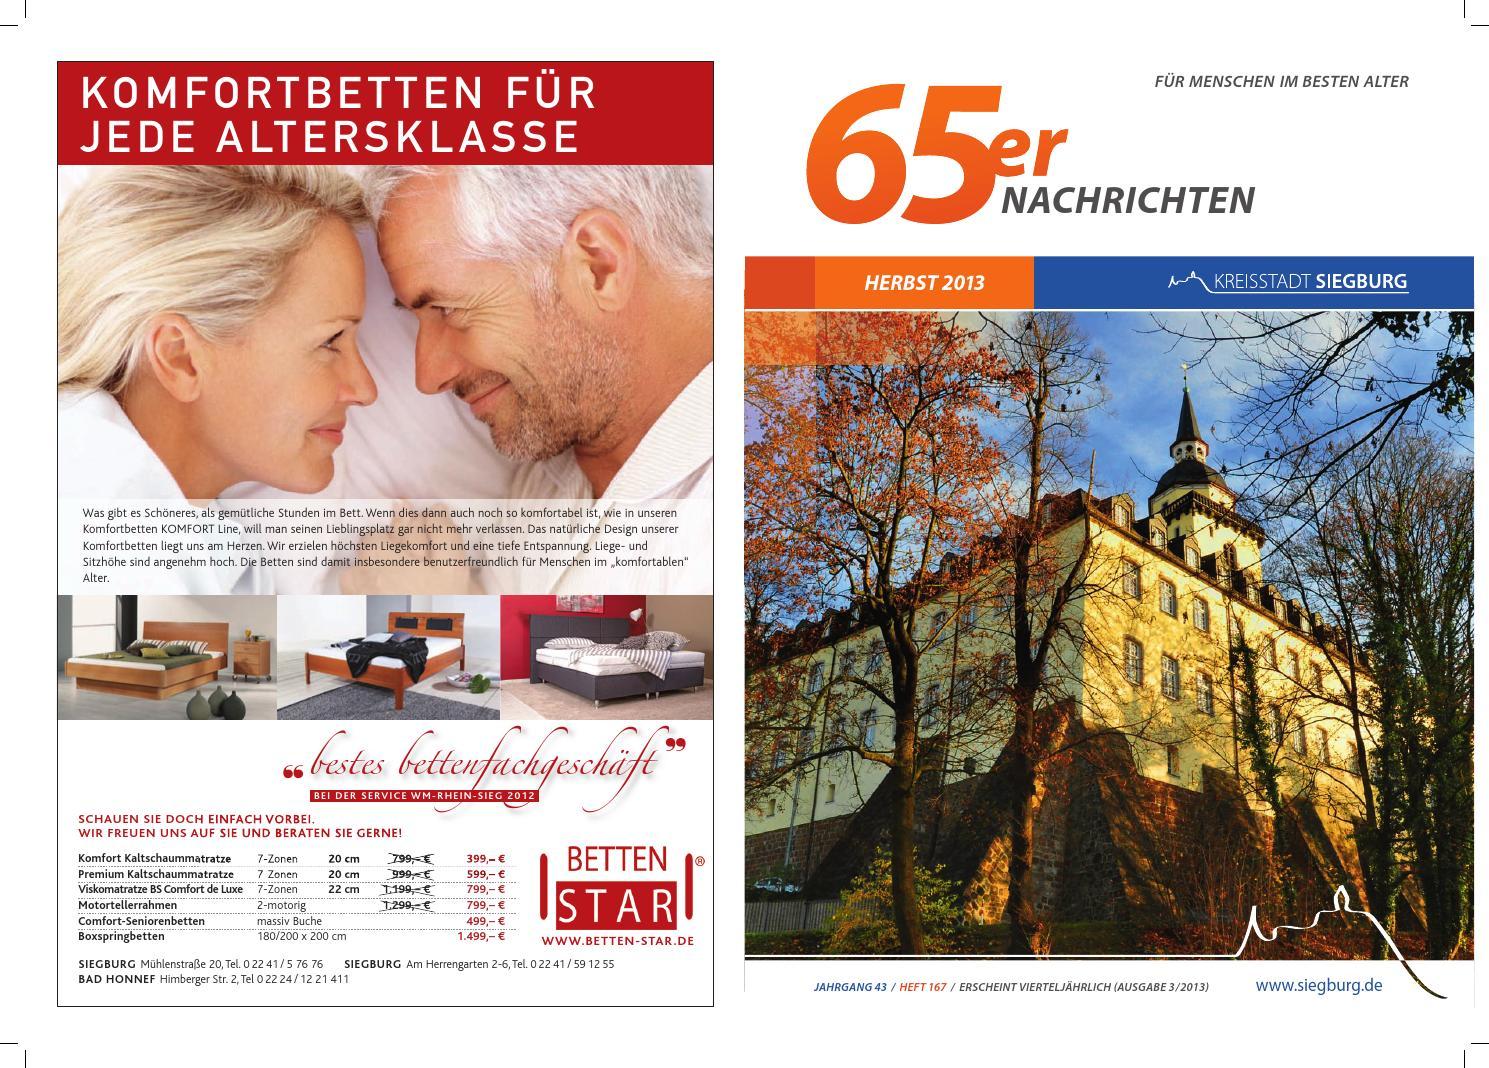 65er Nachrichten Herbst 2013 167 by Patrick Schaab - issuu